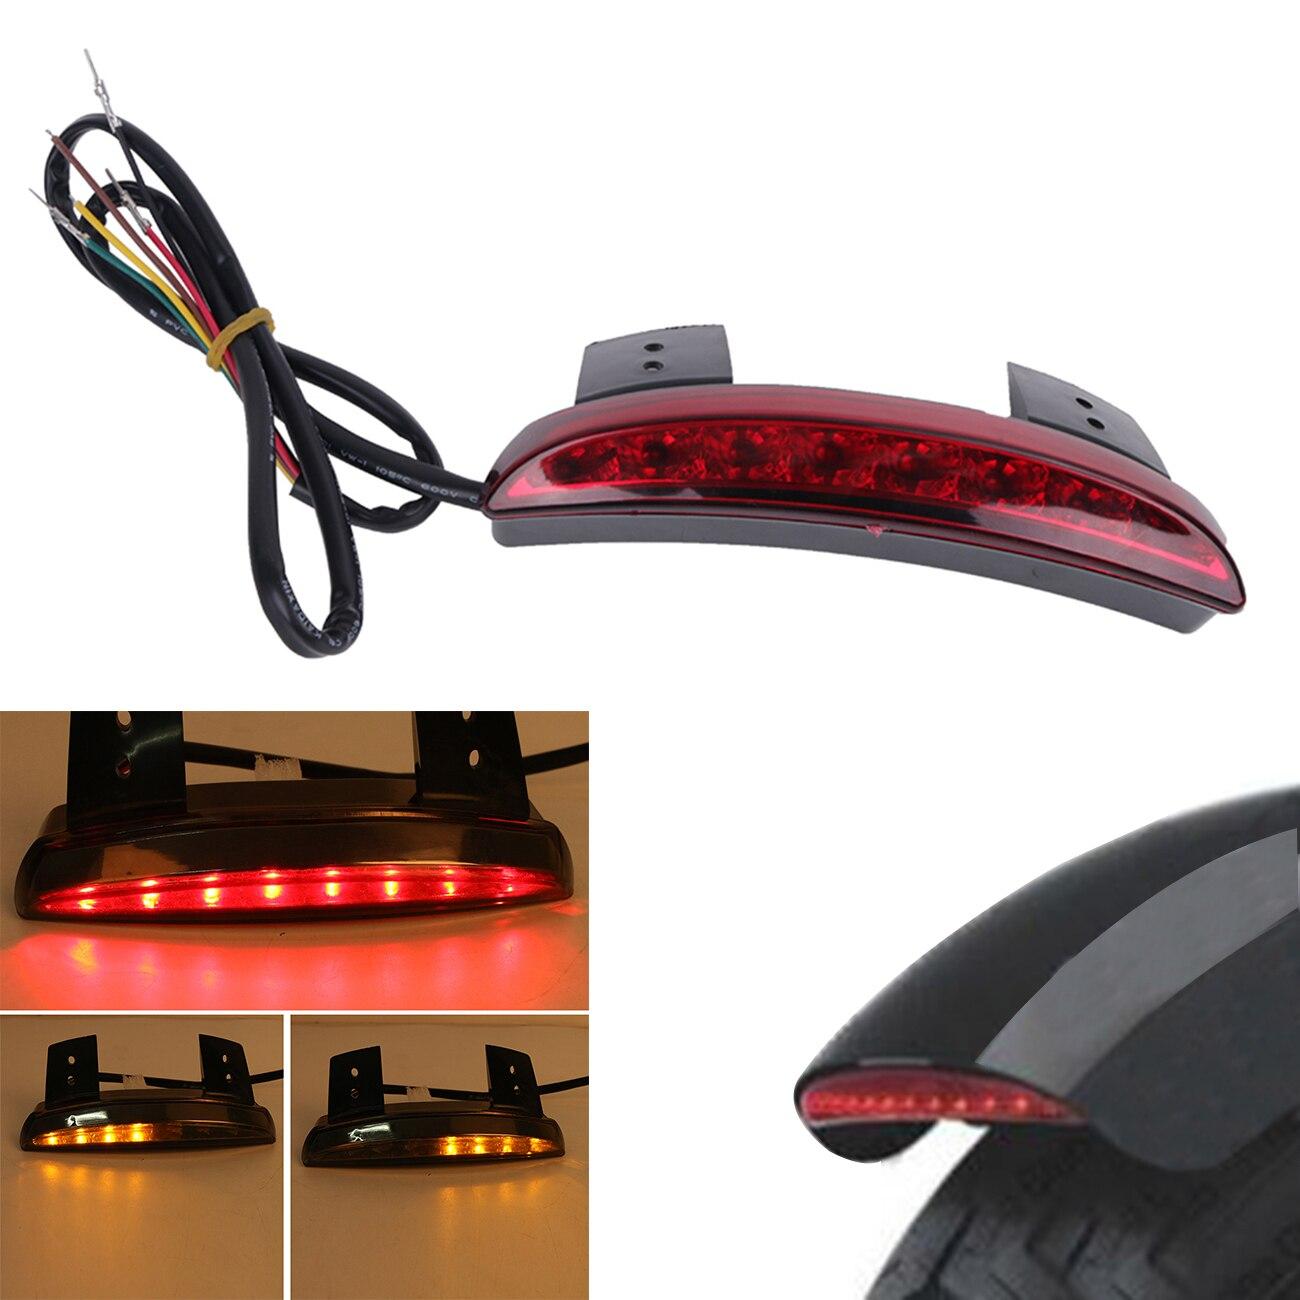 Rear Fender Edge Led Tail Light Lamp For Harley Sportster Xl 883n Iron Xl 1200v 1200c 1200l 1200n 883n Iron Back To Search Resultshome